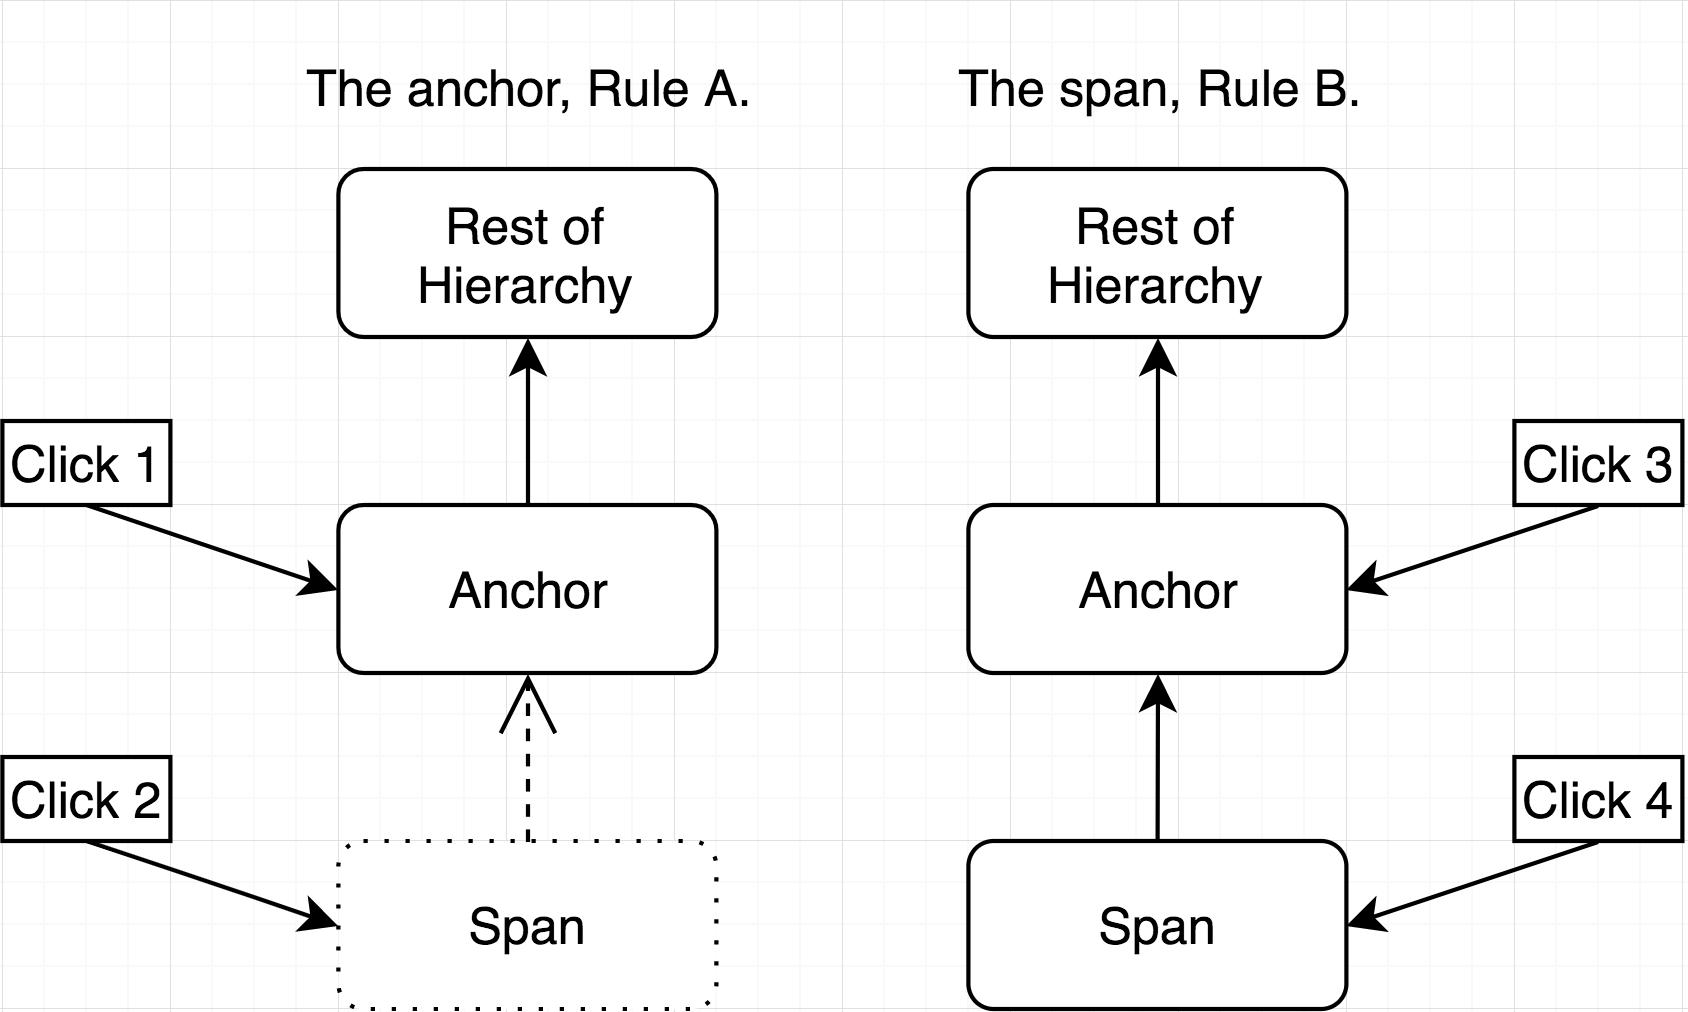 rule_comparison.png